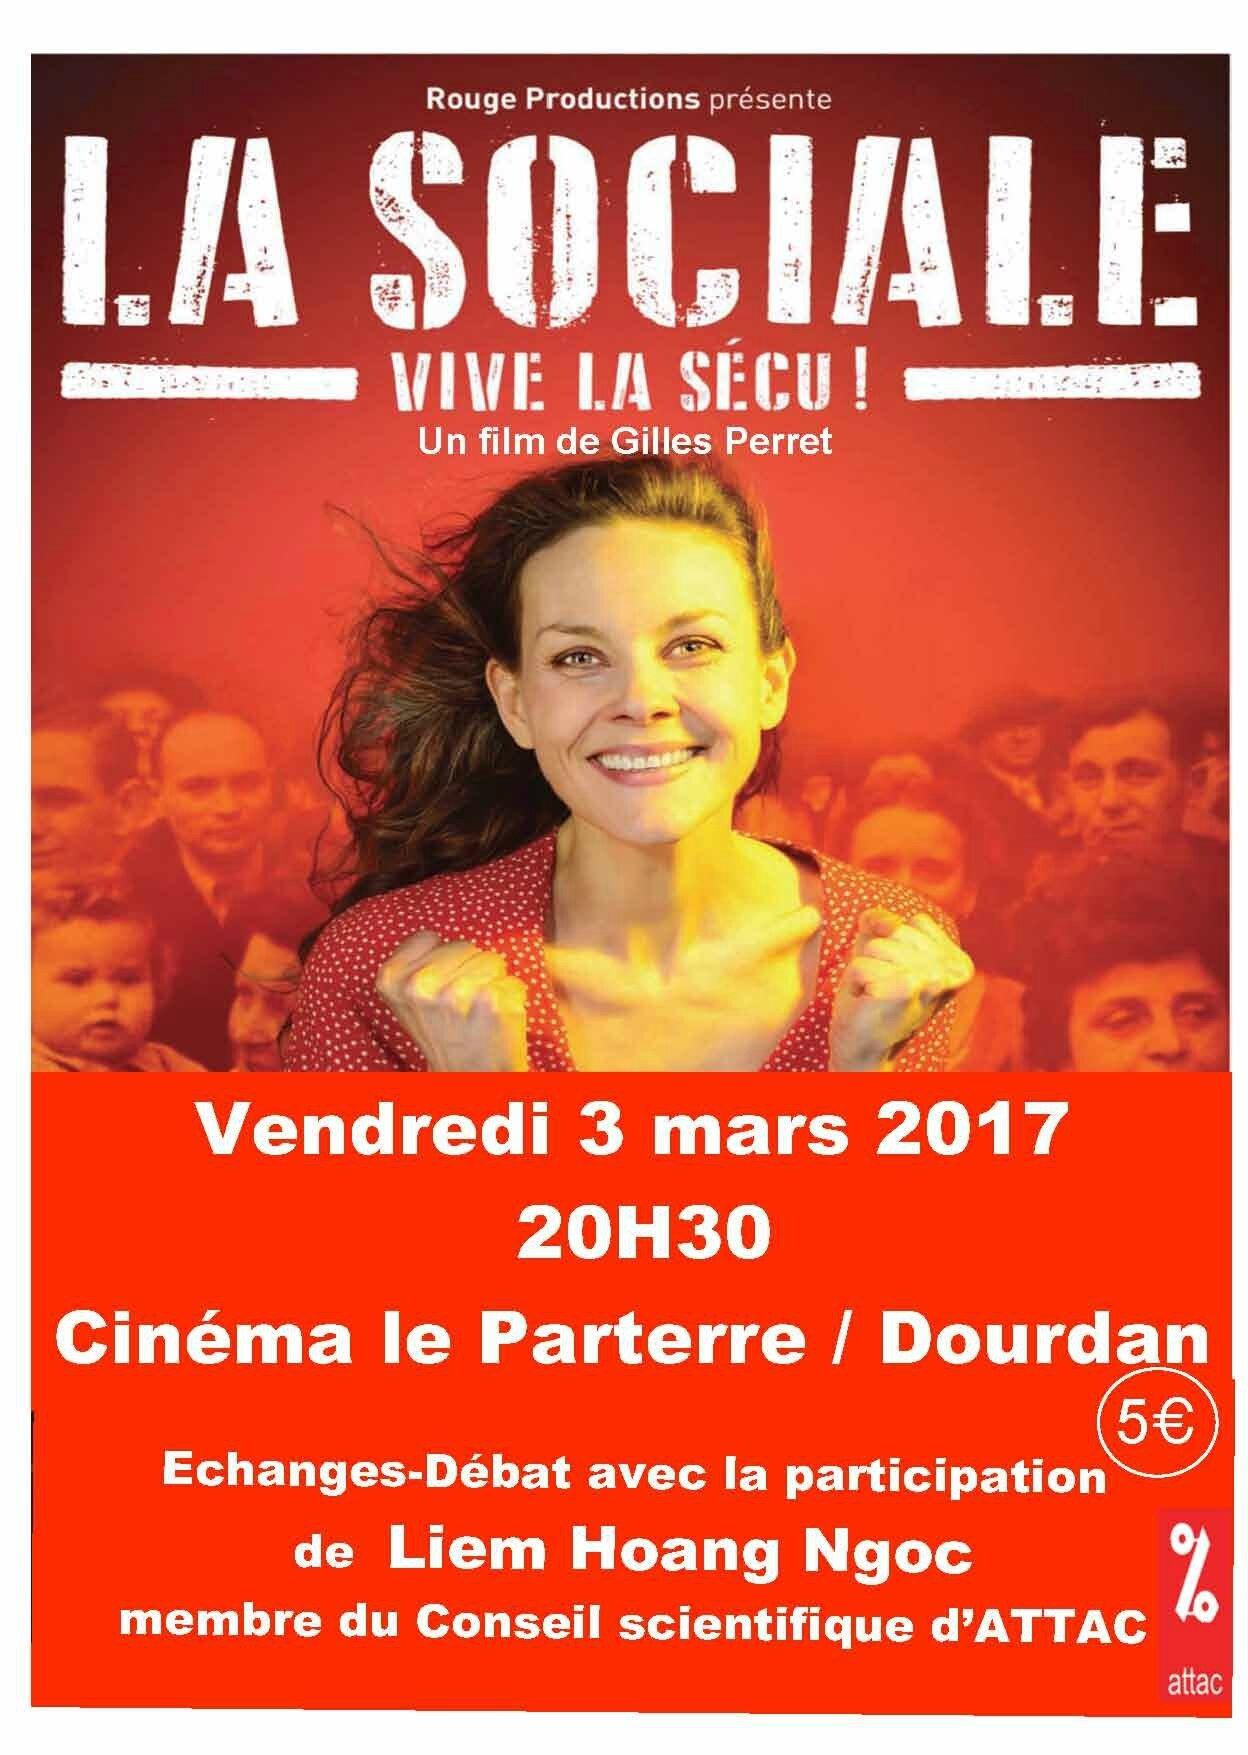 « La Sociale » le vendredi 3 mars 2017 à 20H30 au cinéma Le Parterre de Dourdan